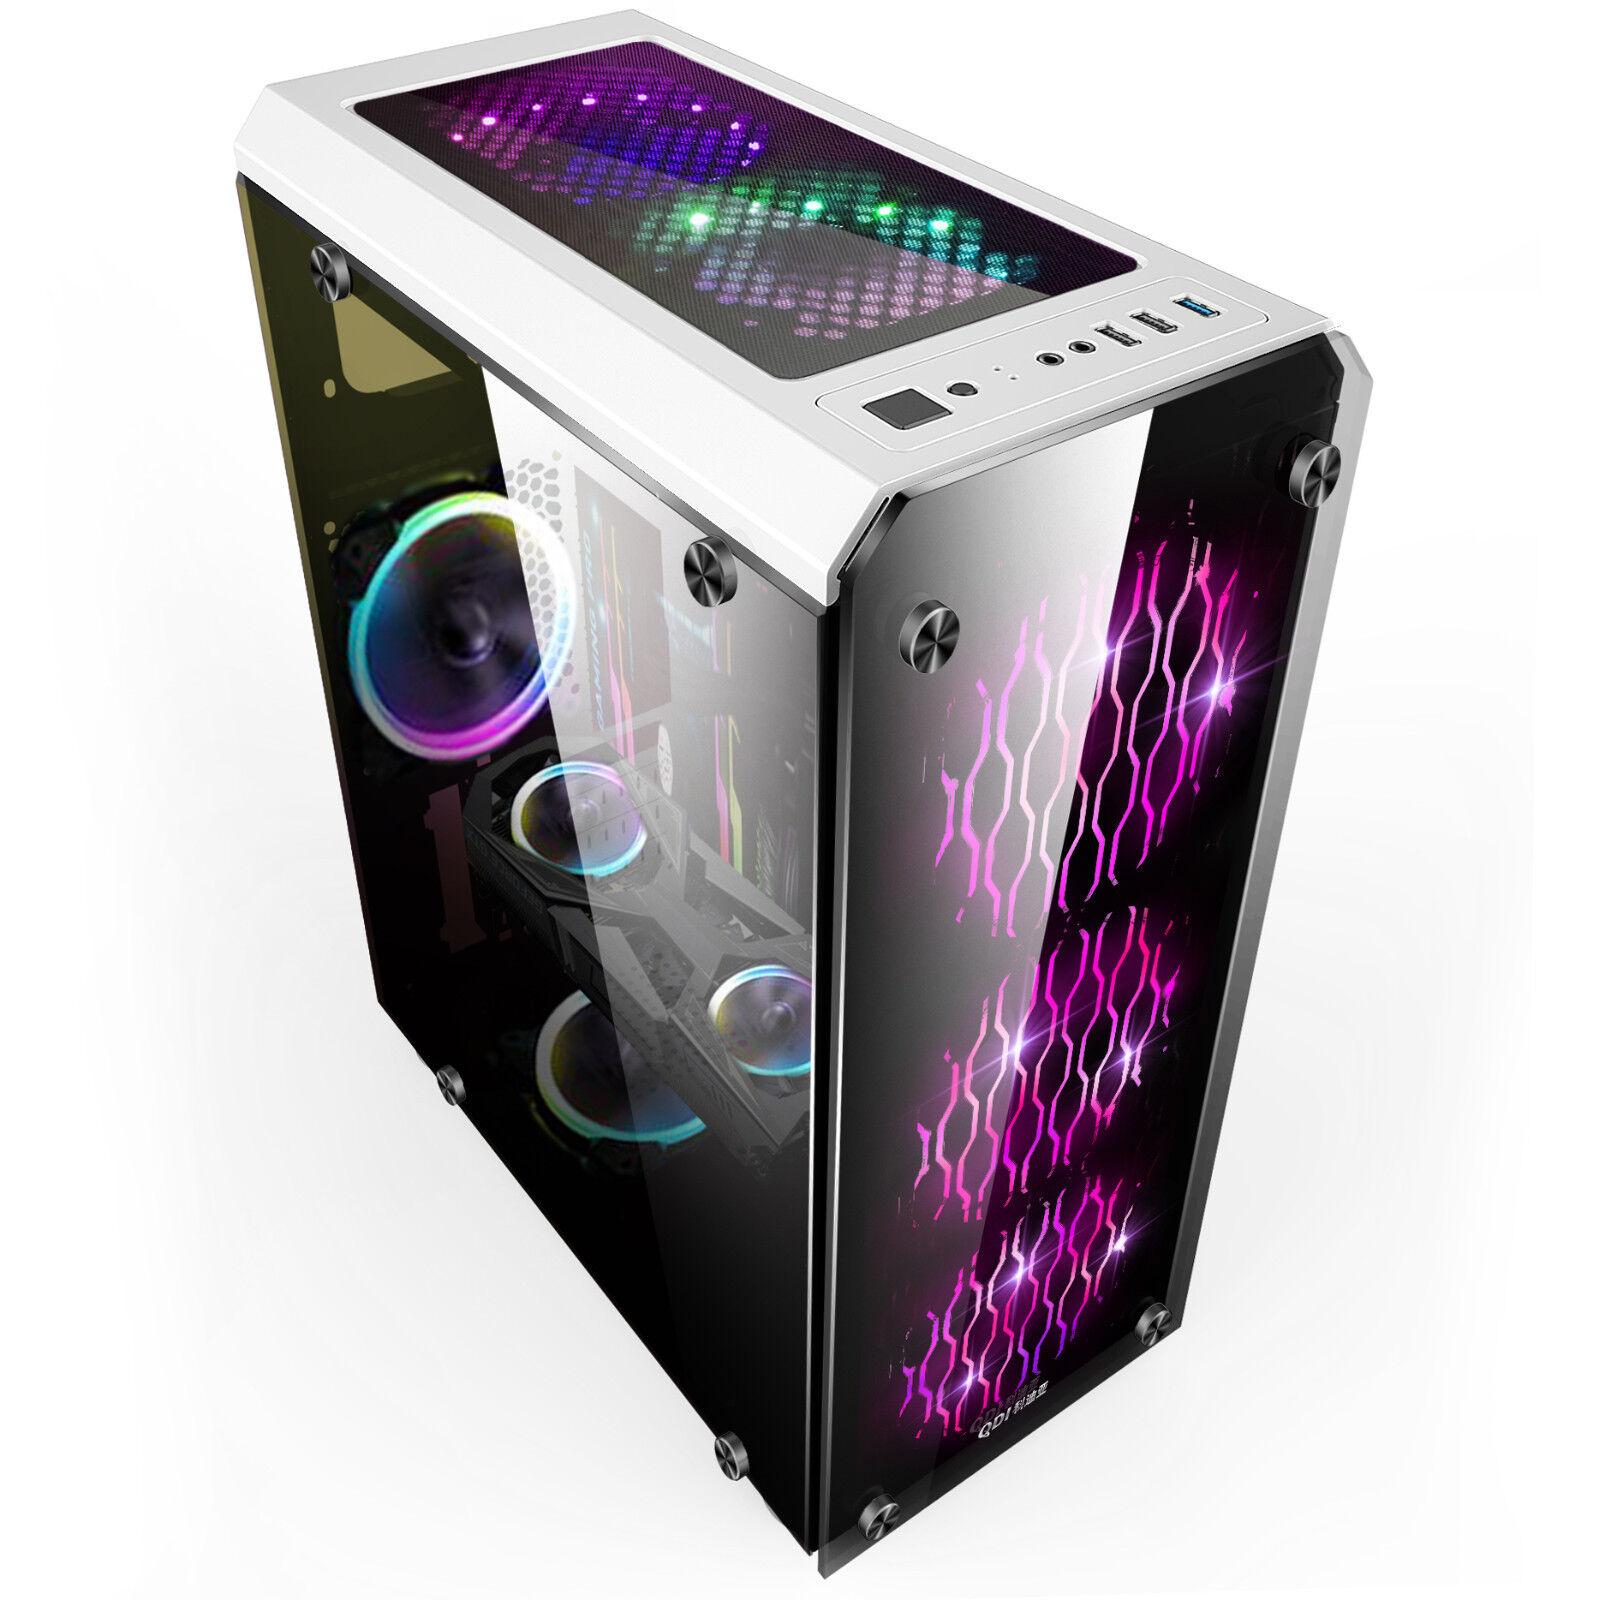 Glas  Pc Gehäuse USB 3.0 ATX ,Micro-ATX,Mini-ITX  Midi-Tower OVP weiss YHJD--w